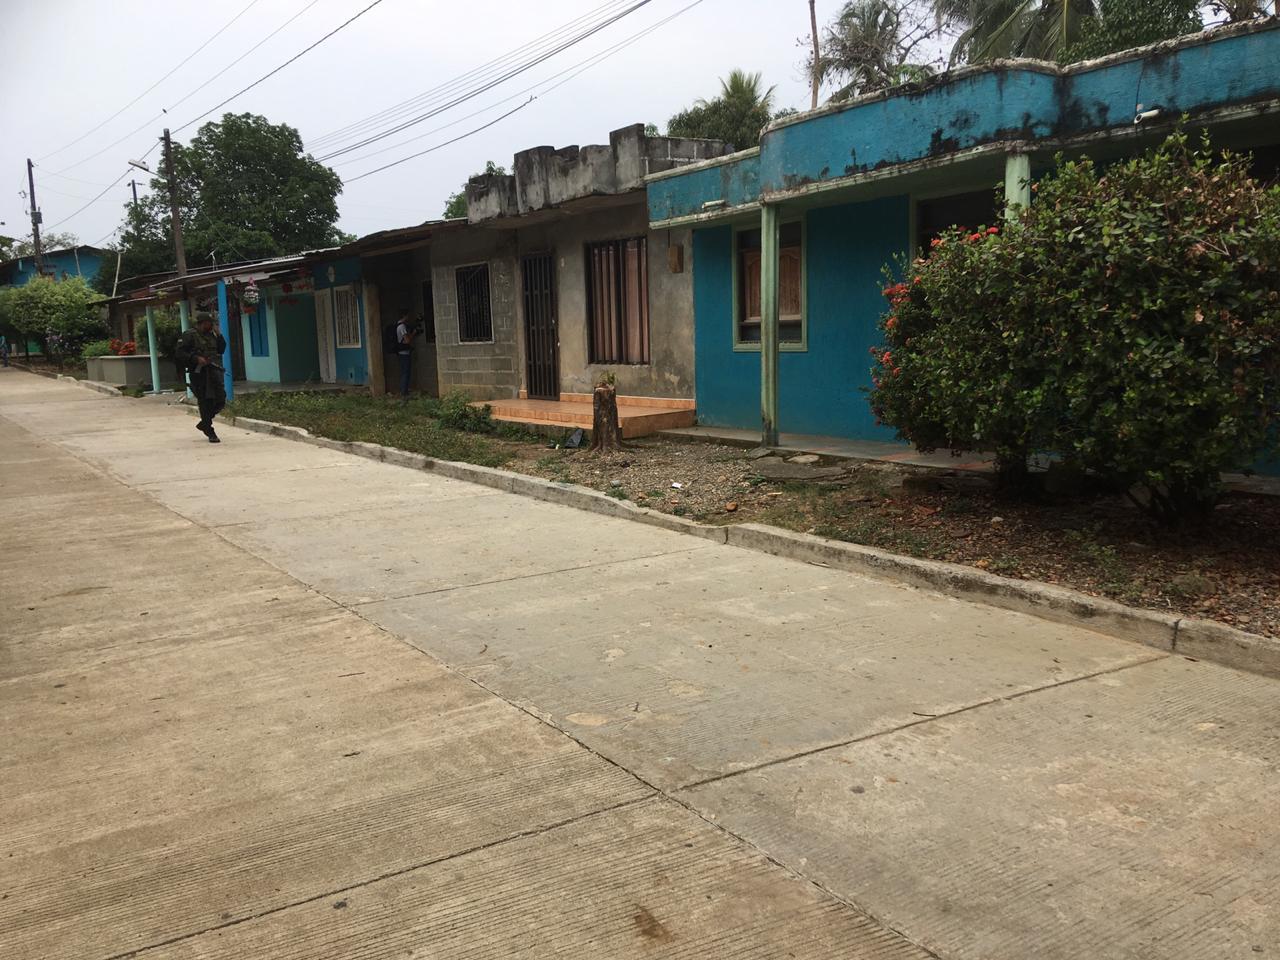 Cáceres, en el Bajo Cauca Antioqueño, tiene comercios y viviendas abandonadas